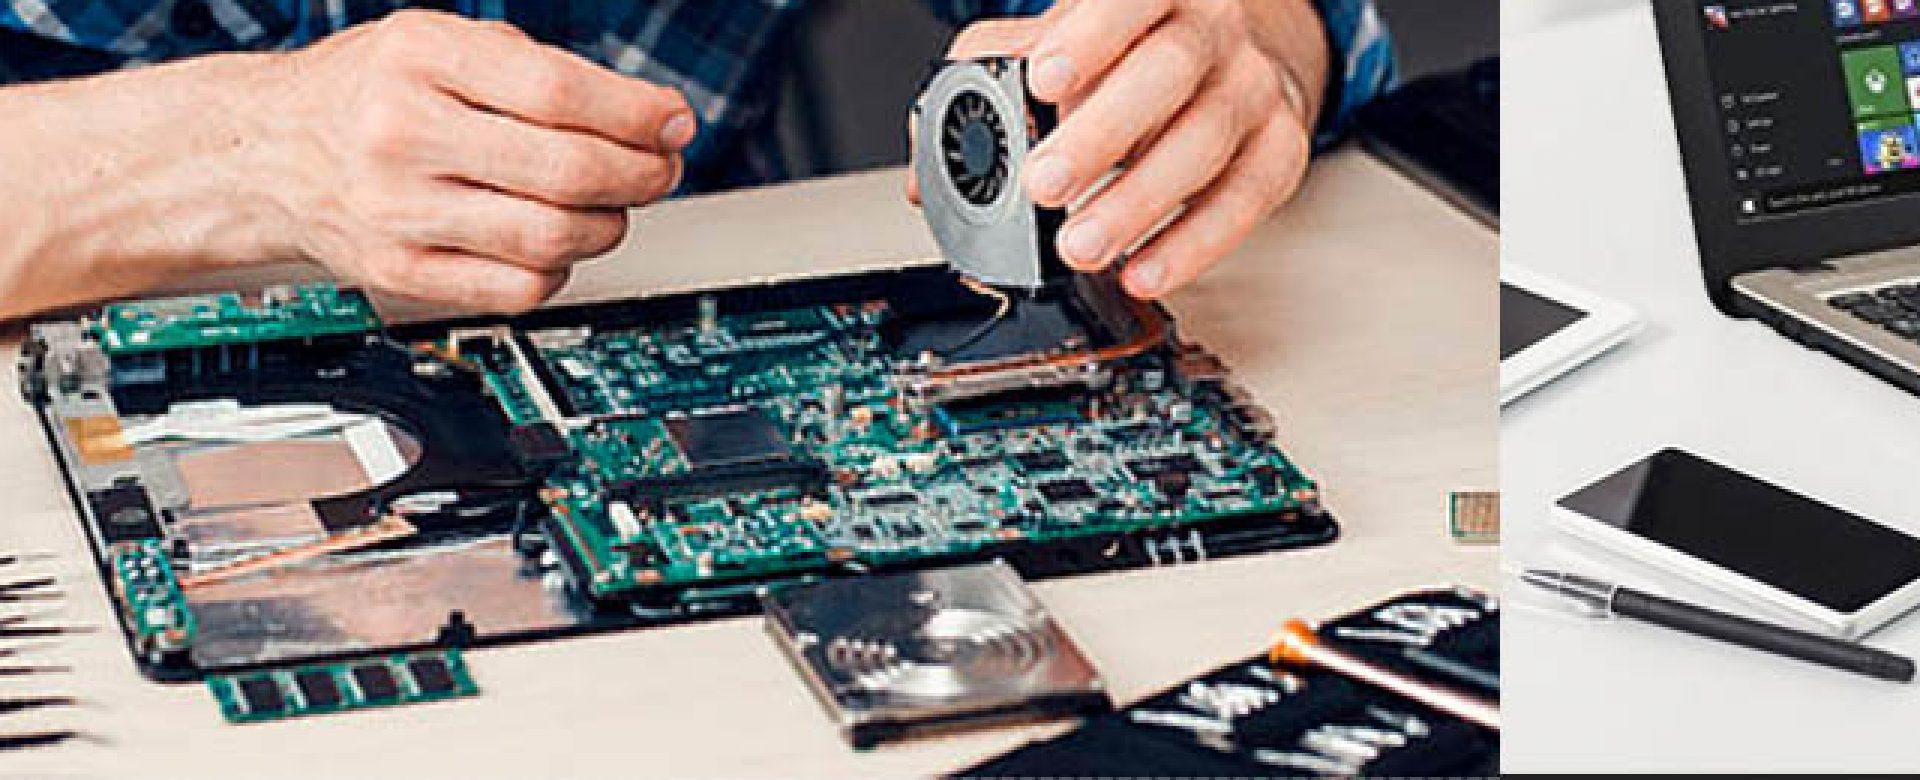 BE Computadoras Soluciones y Servicios